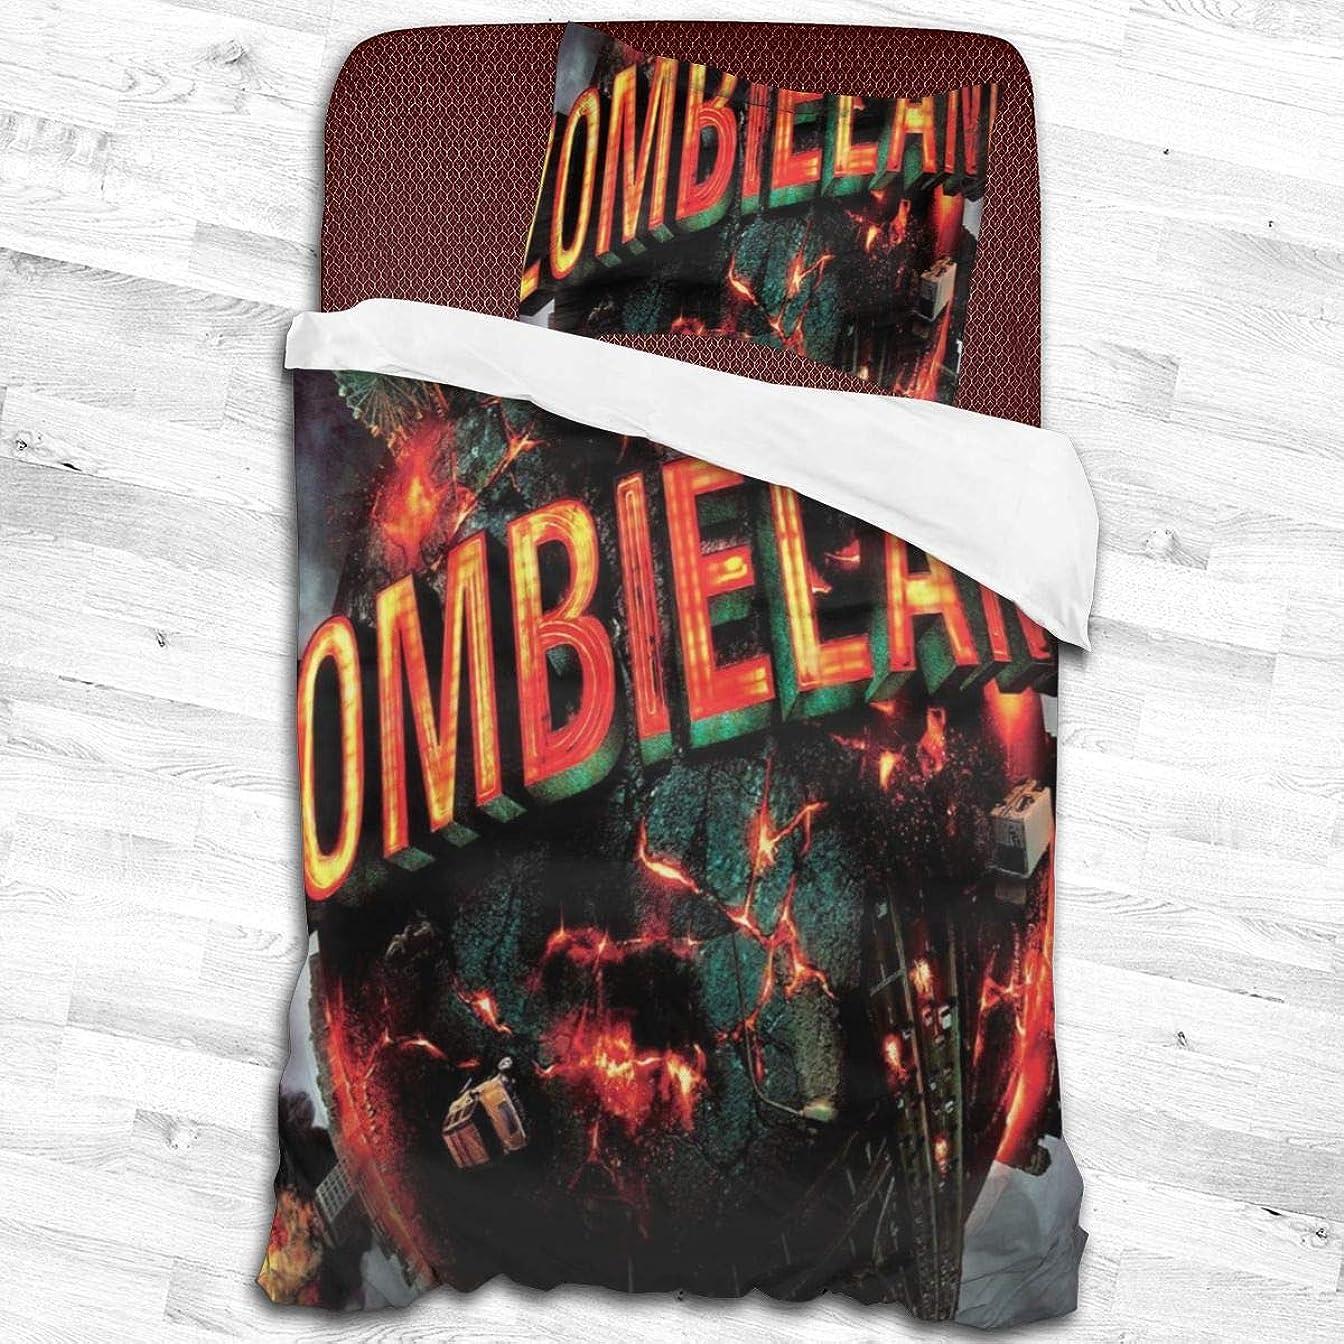 ぜいたくぺディカブ前述の寝具カバーセット、掛け布団カバー 枕カバー ゾンビZombieland 掛け布団カバー1つ+ 20